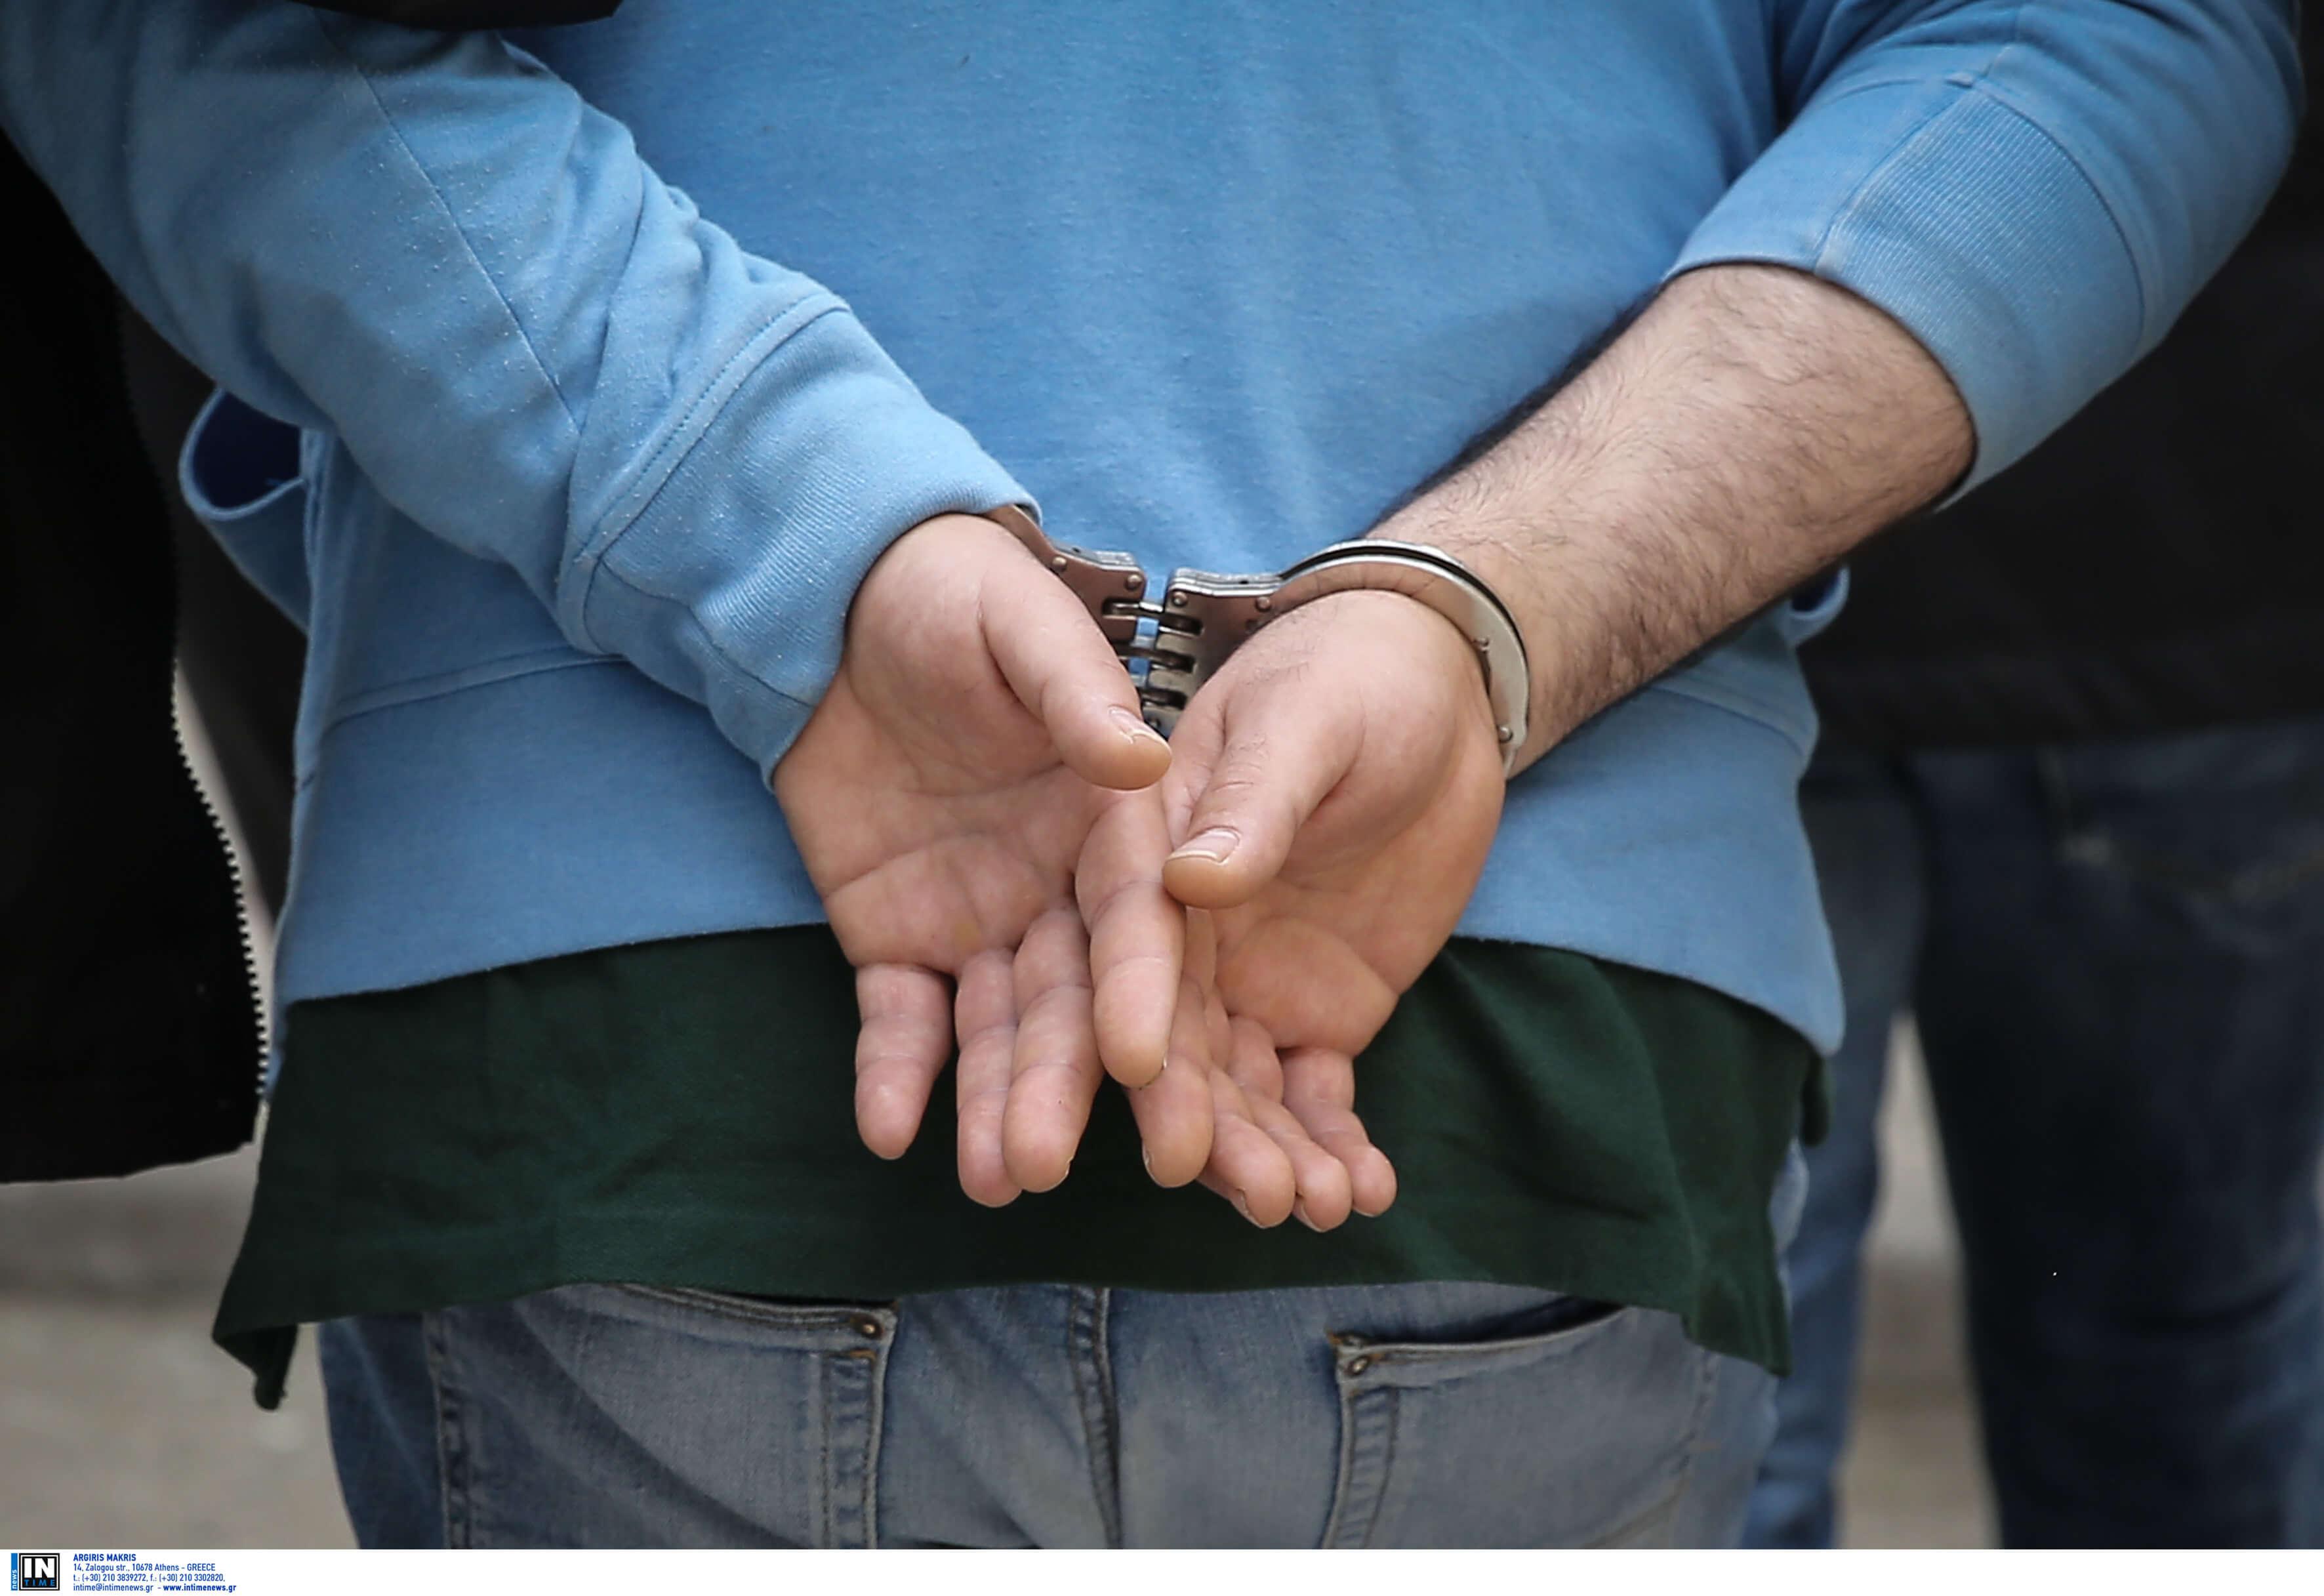 Καλαμάτα: Συνελήφθη ιδιοκτήτης καταστήματος – Ο έλεγχος ξεσκέπασε όλα όσα ήθελε να πουλήσει μυστικά [pic]